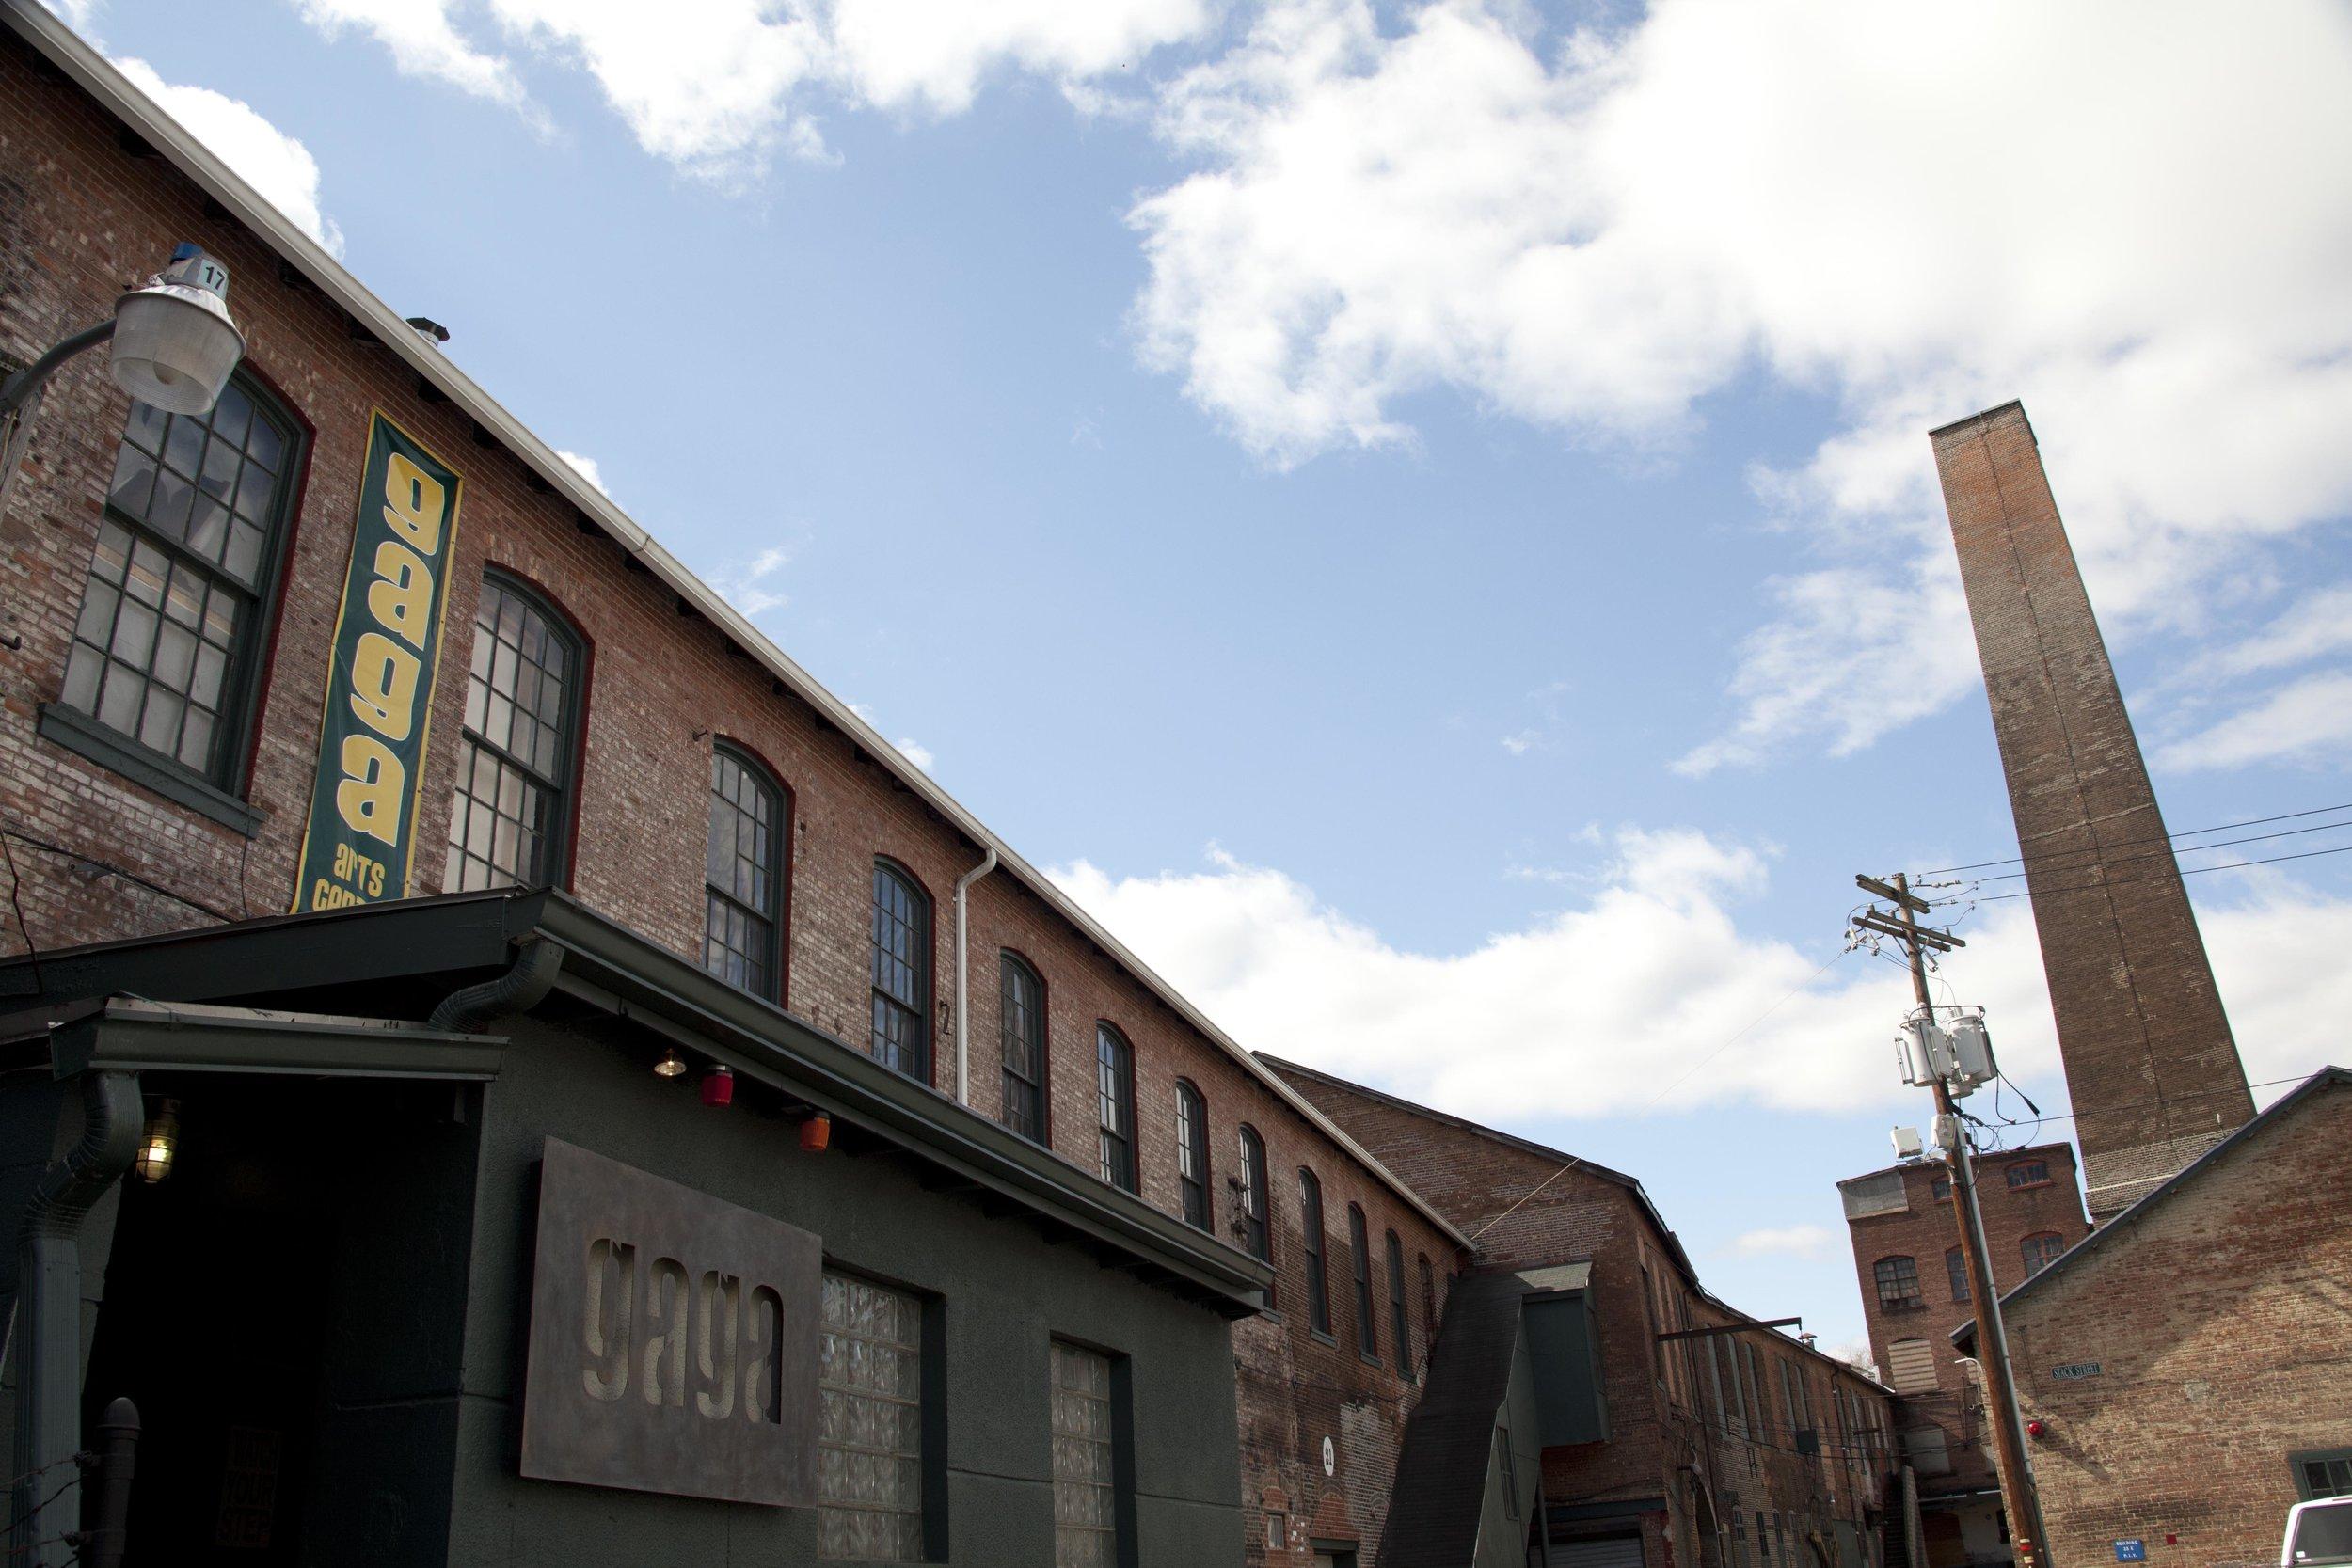 2 GAGA Arts Center Building Facade.jpg